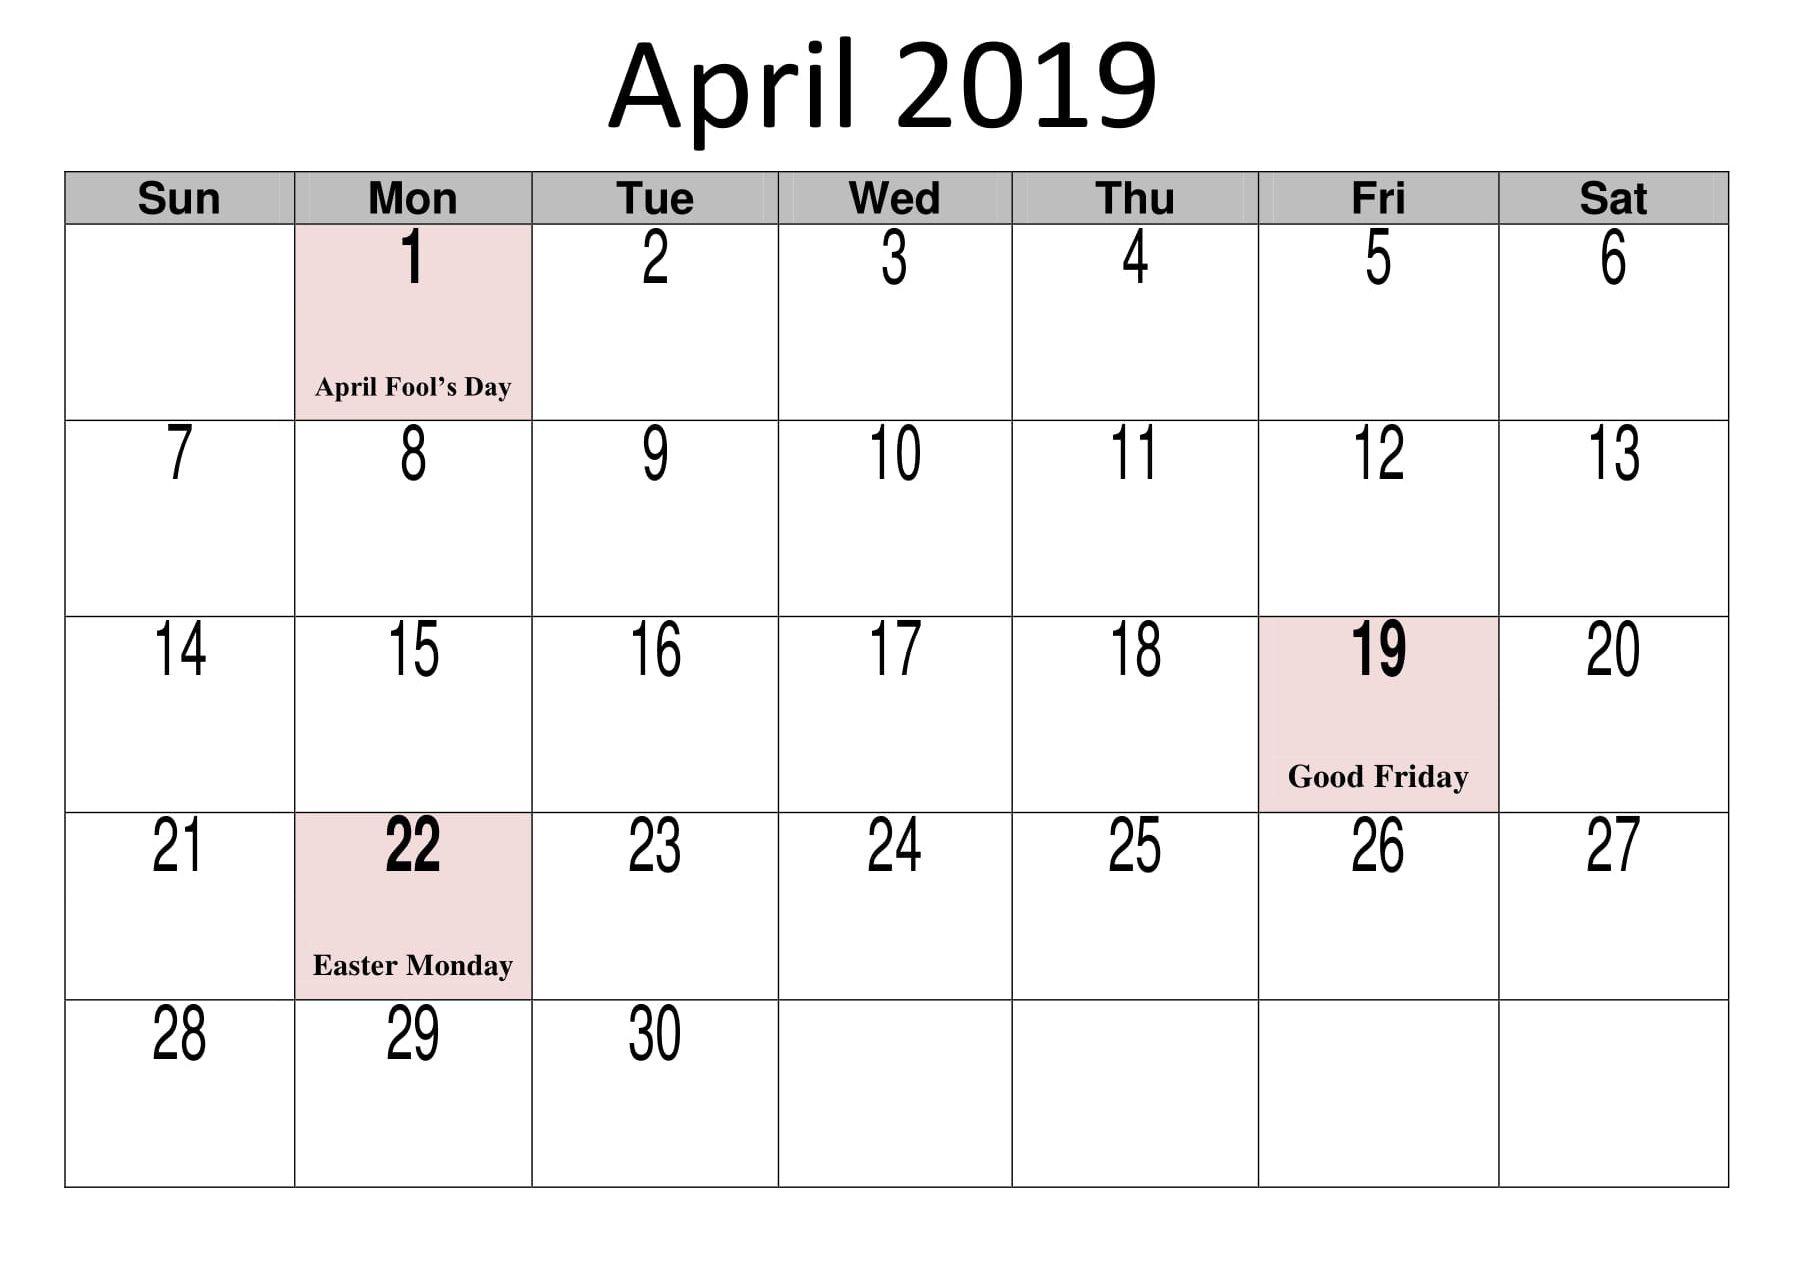 April 2019 Calendar With Holidays Template | 2019 Calendar